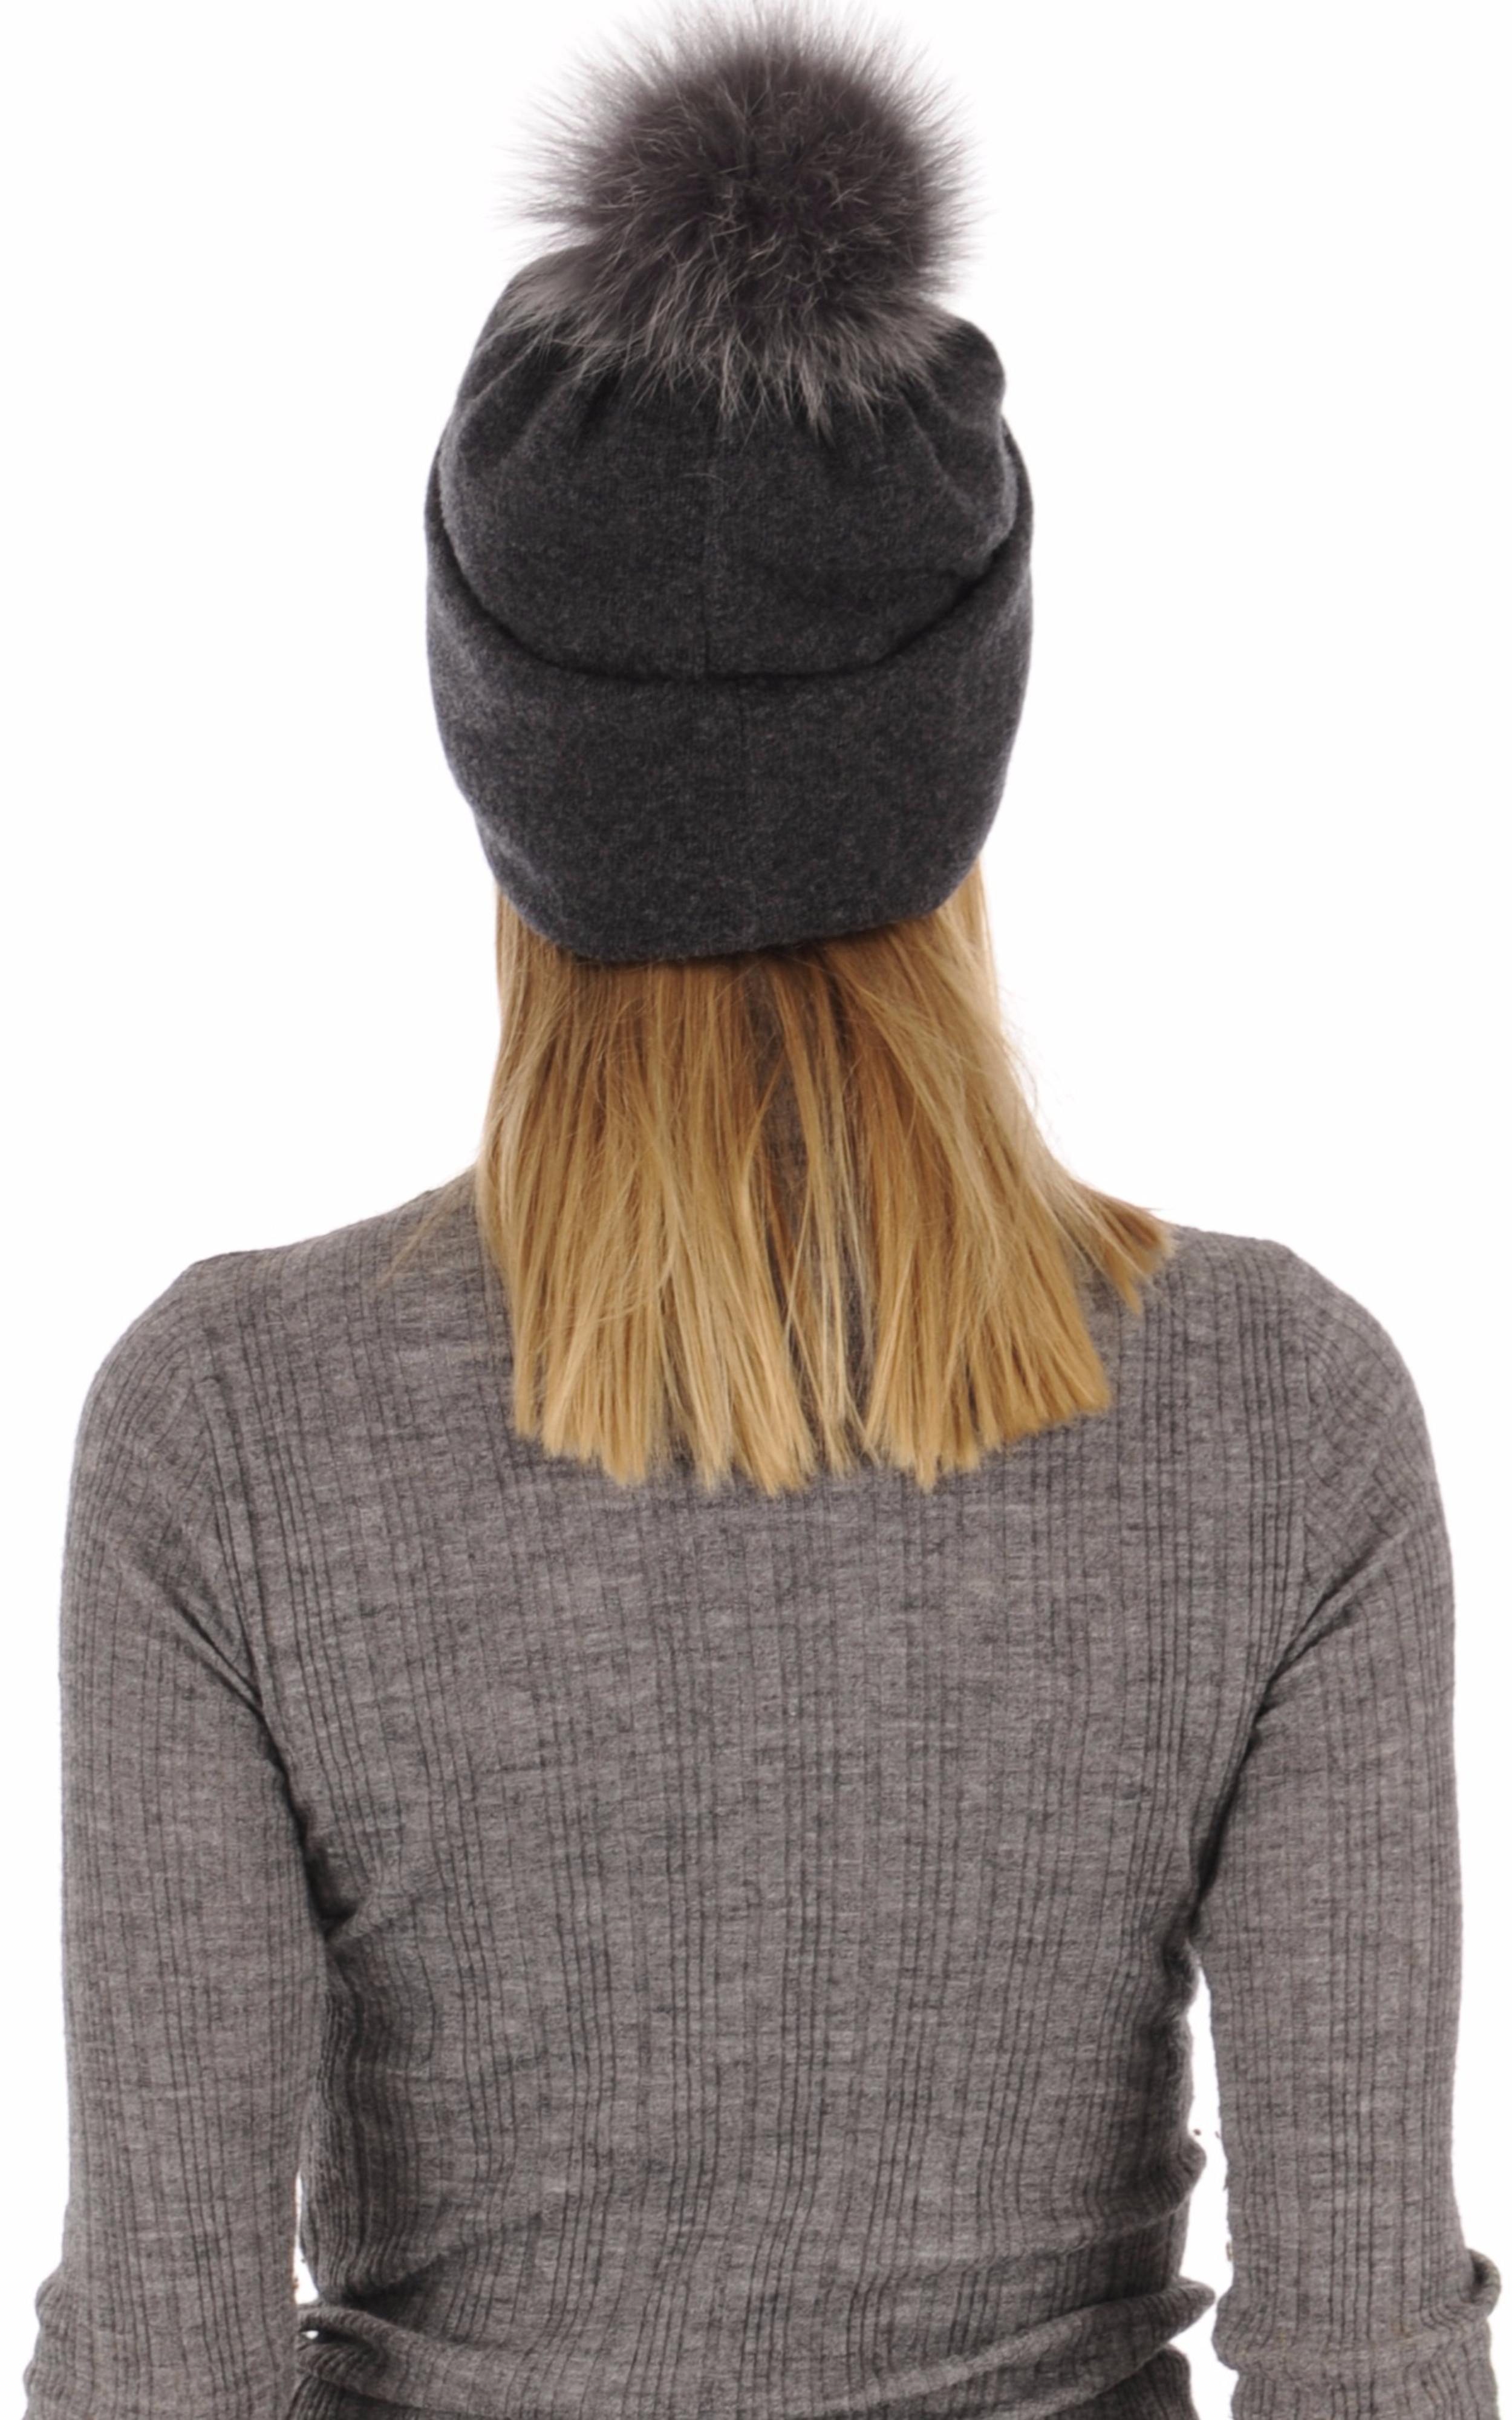 Bonnet en laine merino gris Tsanikidis